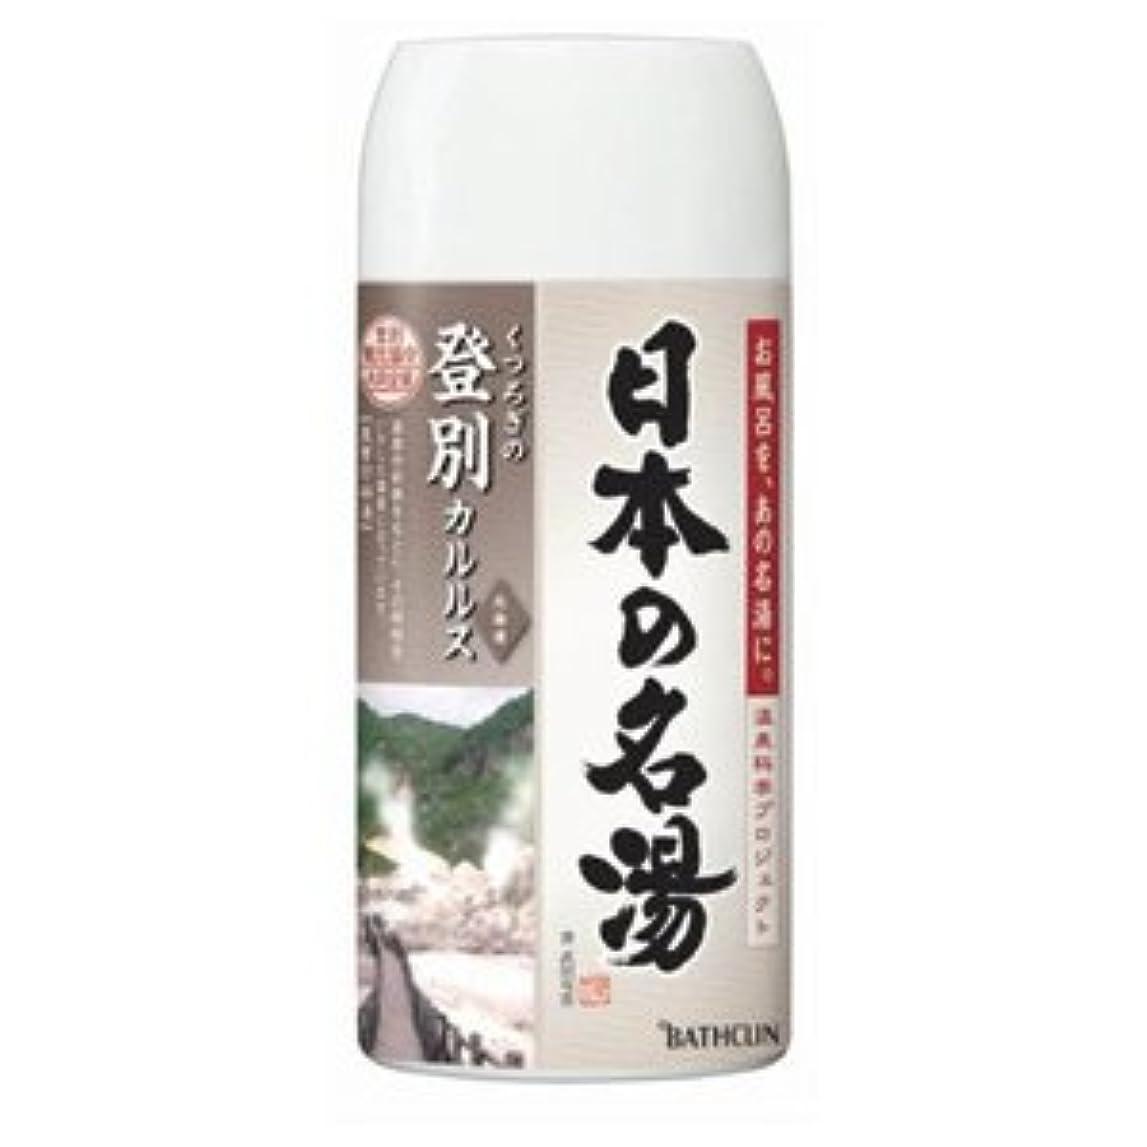 バスクリン 日本の名湯 登別カルルス 450g 薬用入浴剤 澄み切った大気の香り 医薬部外品 (お風呂?バス用品)×12点セット (4548514135246)